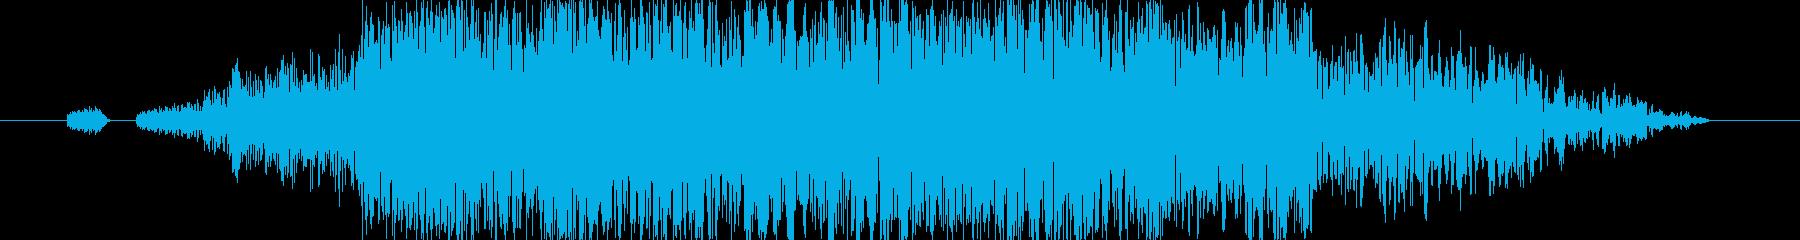 グシャ!リアルな刀や剣の斬撃の効果音03の再生済みの波形